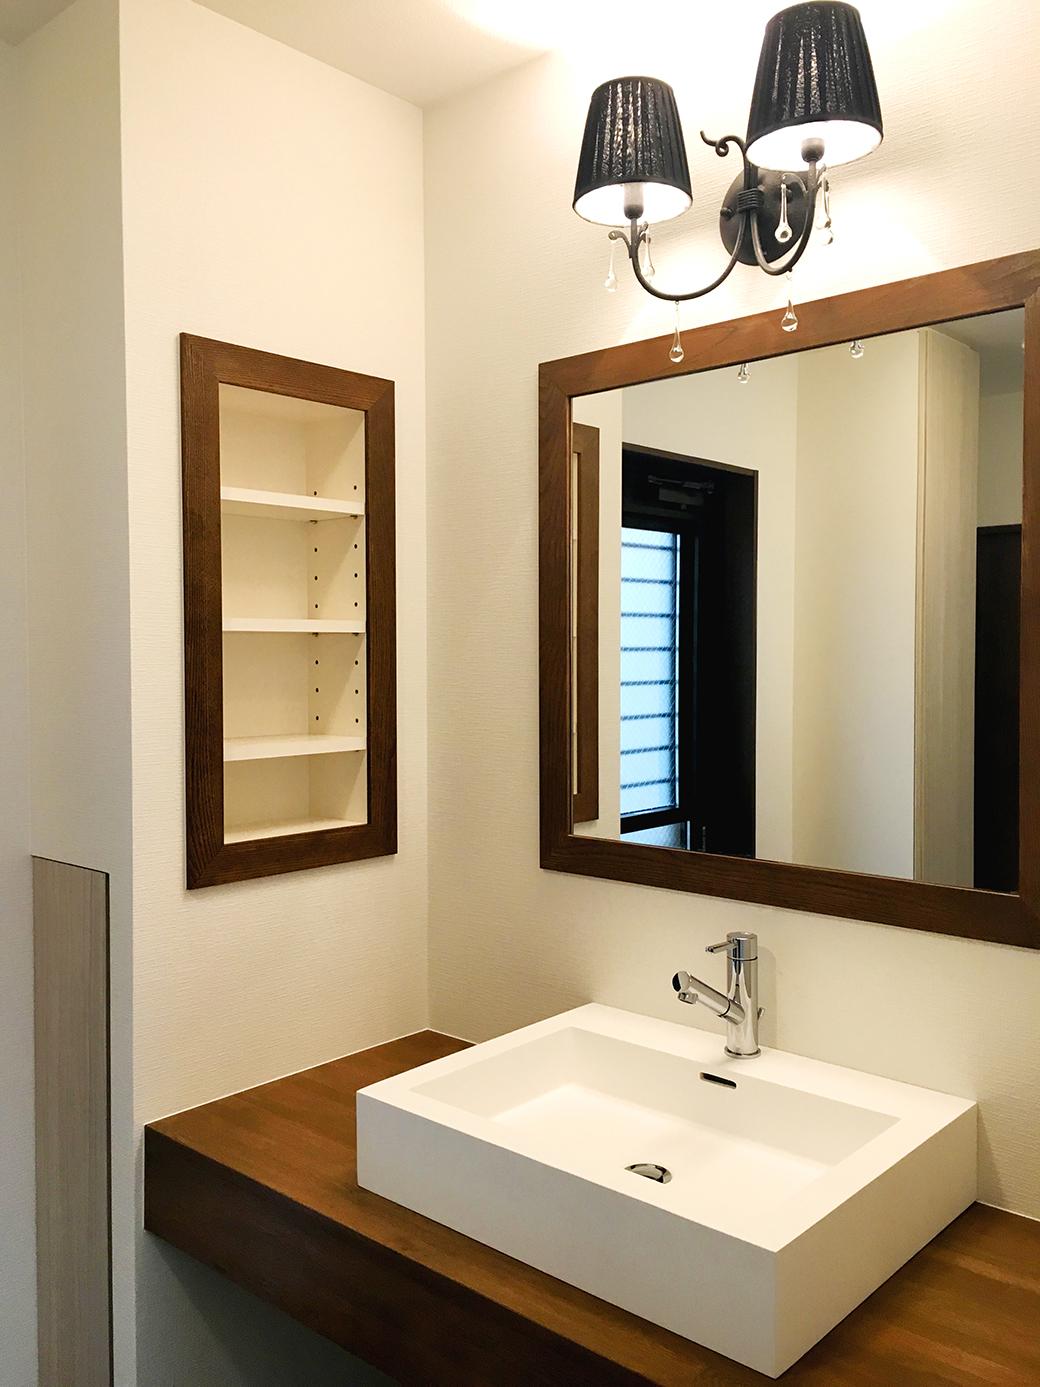 洗面壁面の埋め込み収納は細々した物の収納に便利